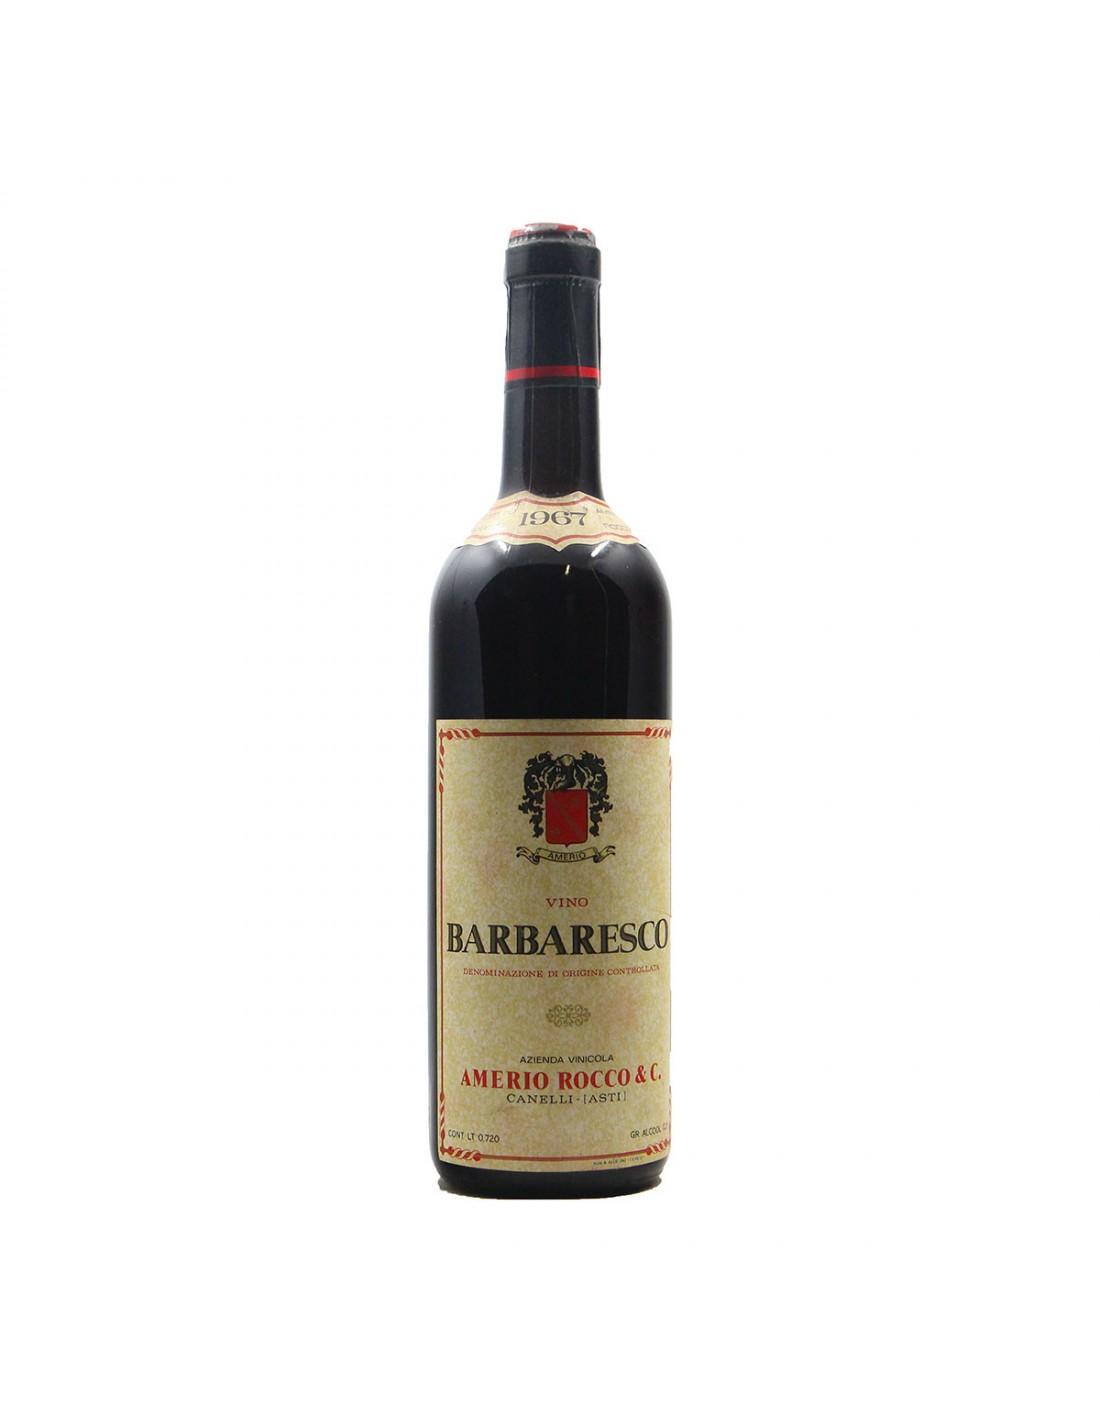 BARBARESCO 1967 AMERIO ROCCO Grandi Bottiglie